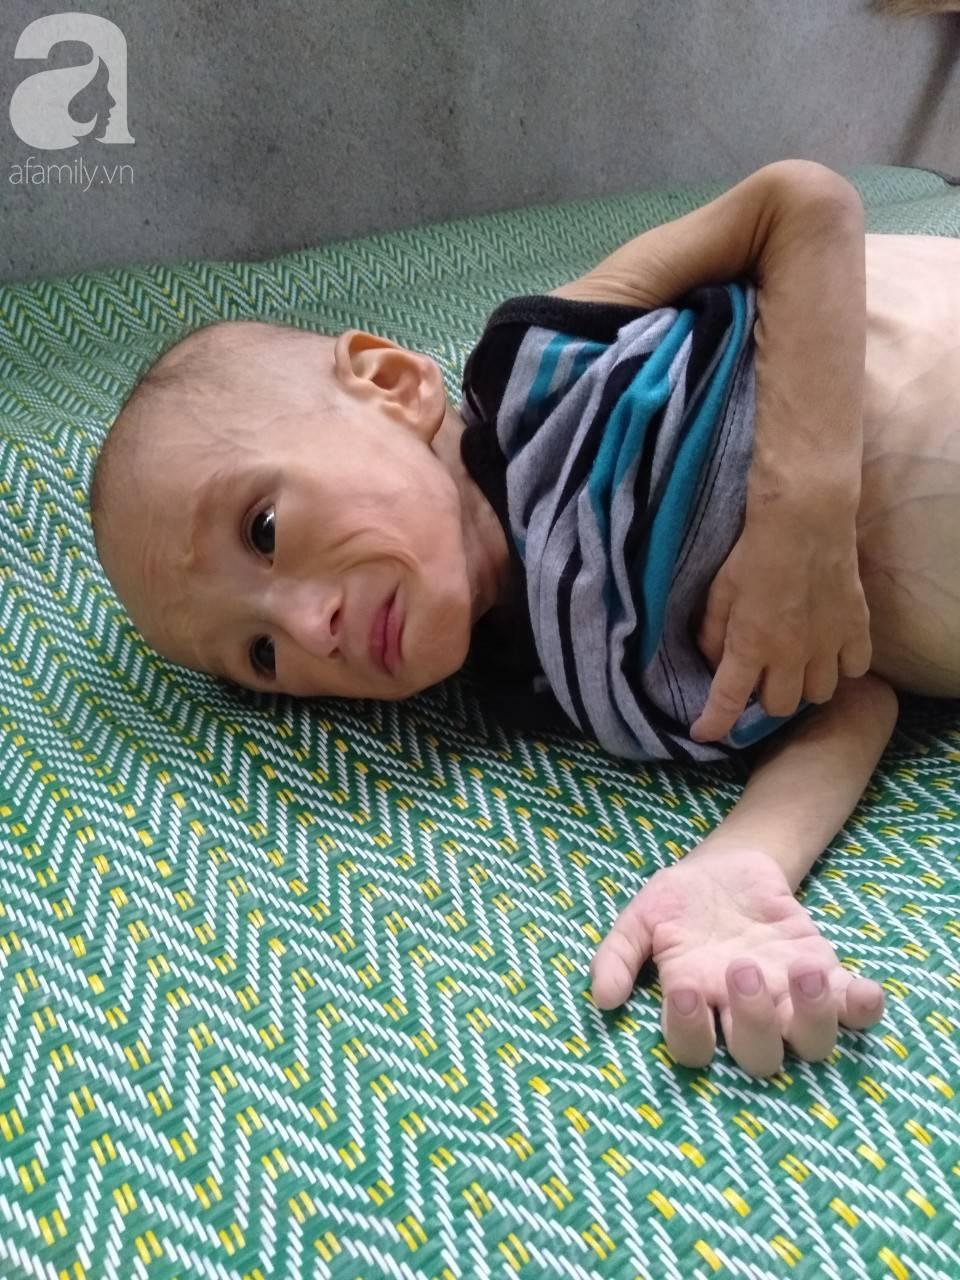 Sự sống mong manh của bé trai 1 tuổi, chỉ nặng 6kg, bụng phình to như cái trống mà mẹ nghèo không tiền chữa trị-5